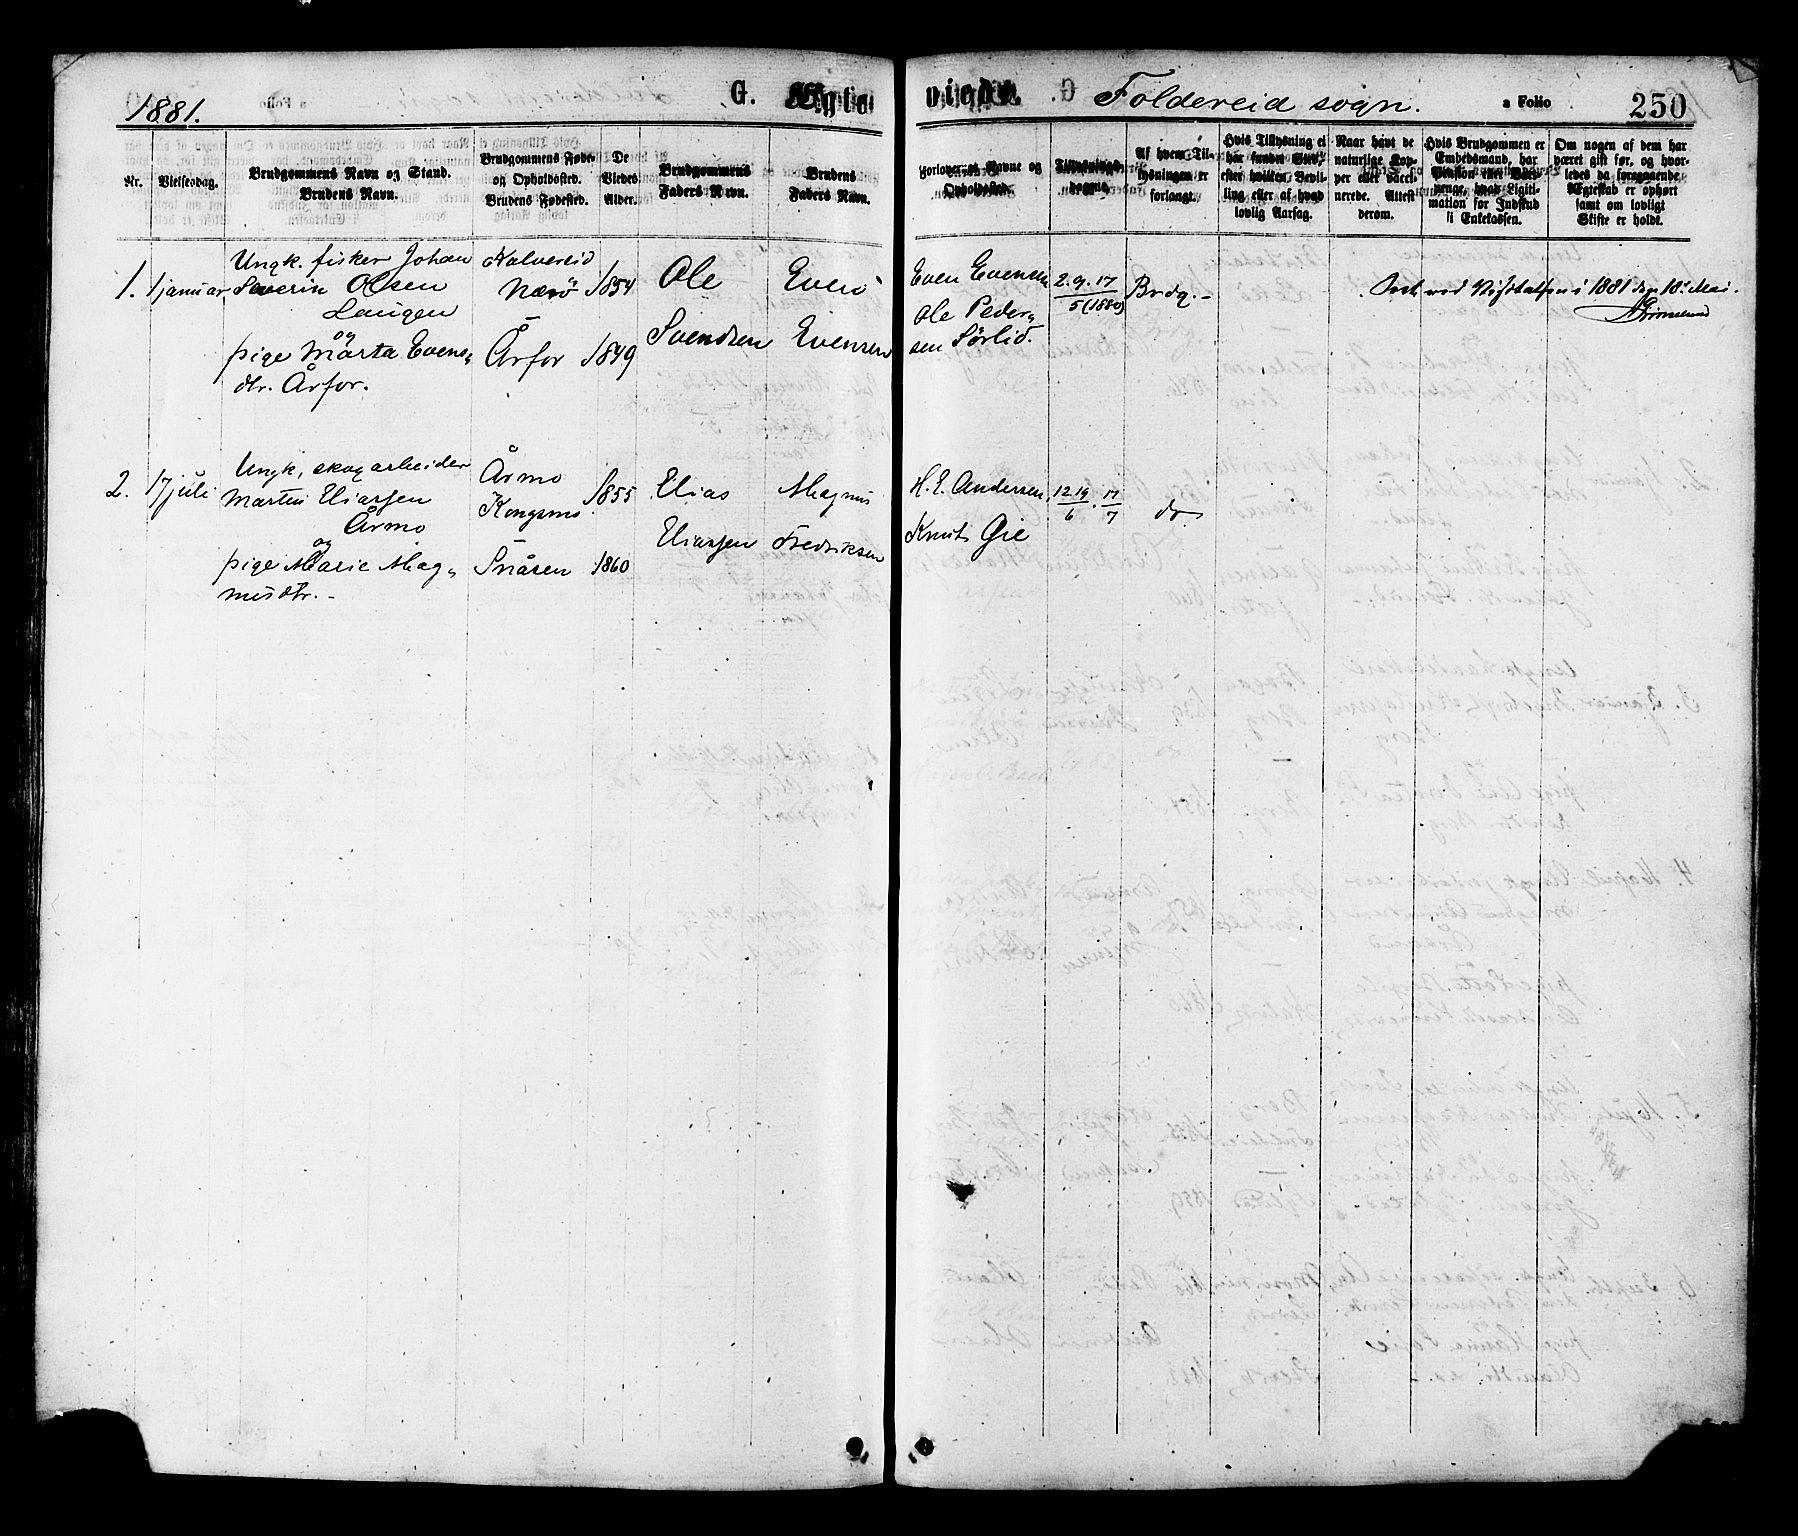 SAT, Ministerialprotokoller, klokkerbøker og fødselsregistre - Nord-Trøndelag, 780/L0642: Ministerialbok nr. 780A07 /2, 1878-1885, s. 250